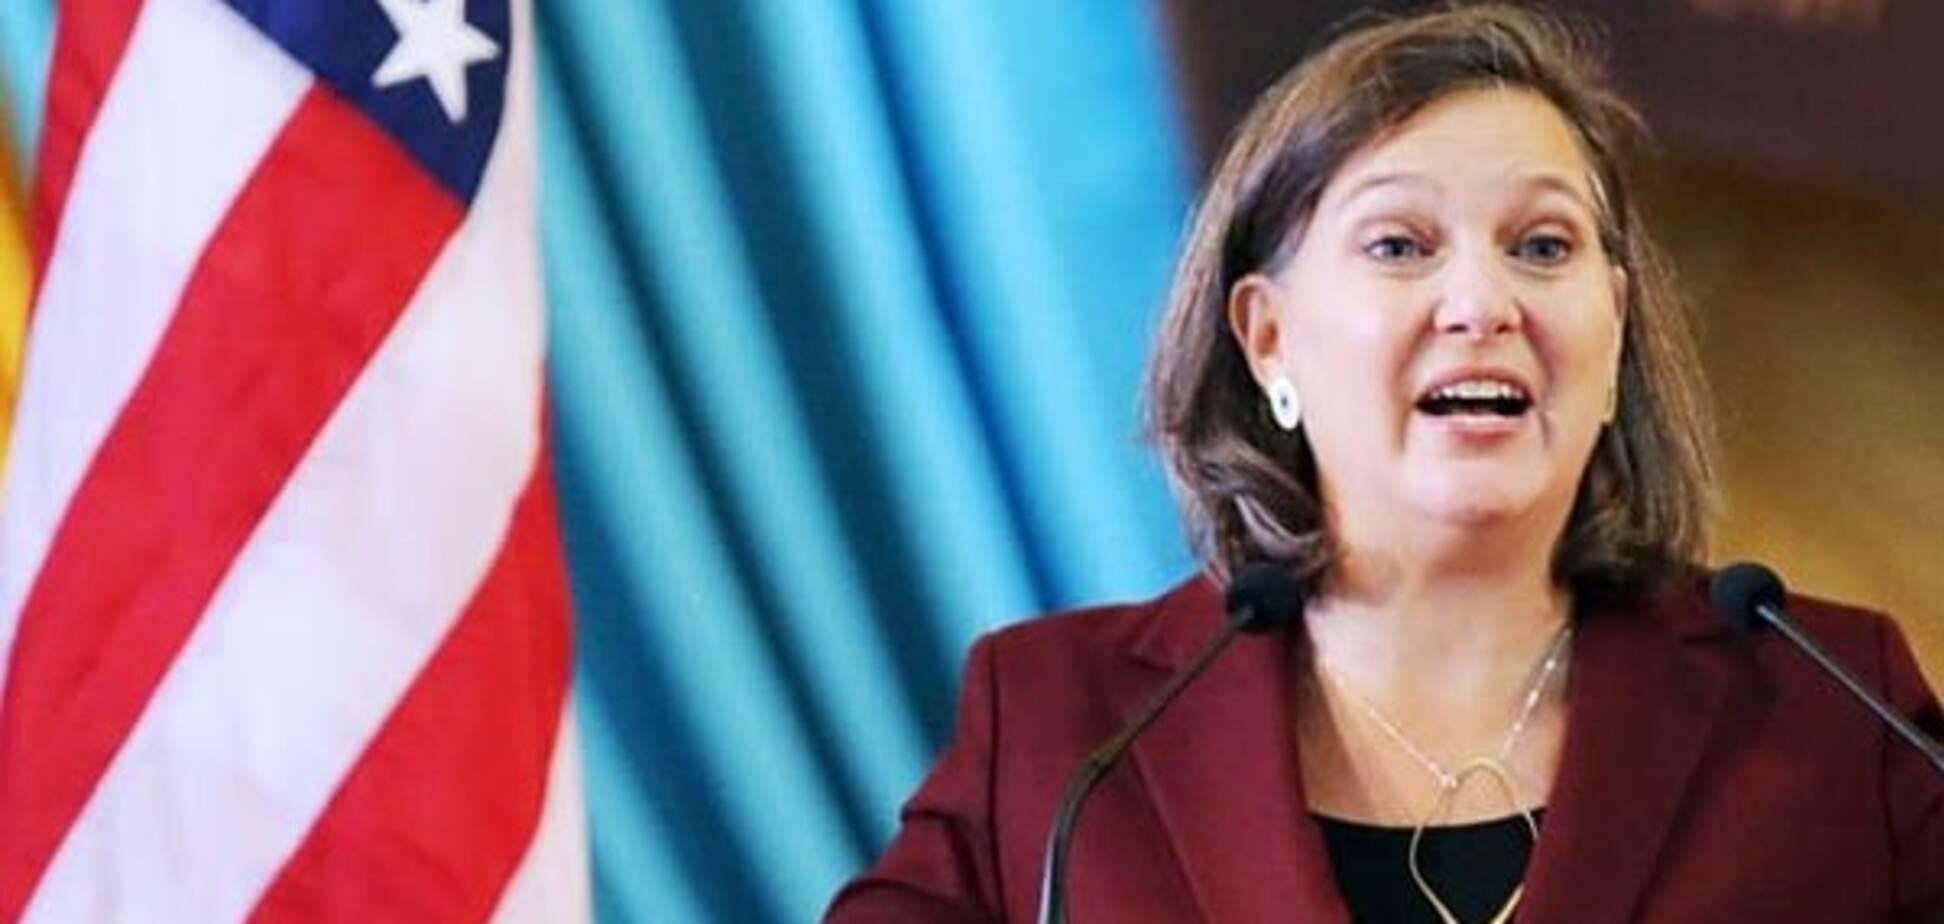 В Калининграде пройдут переговоры Суркова и Нуланд по Донбассу - СМИ